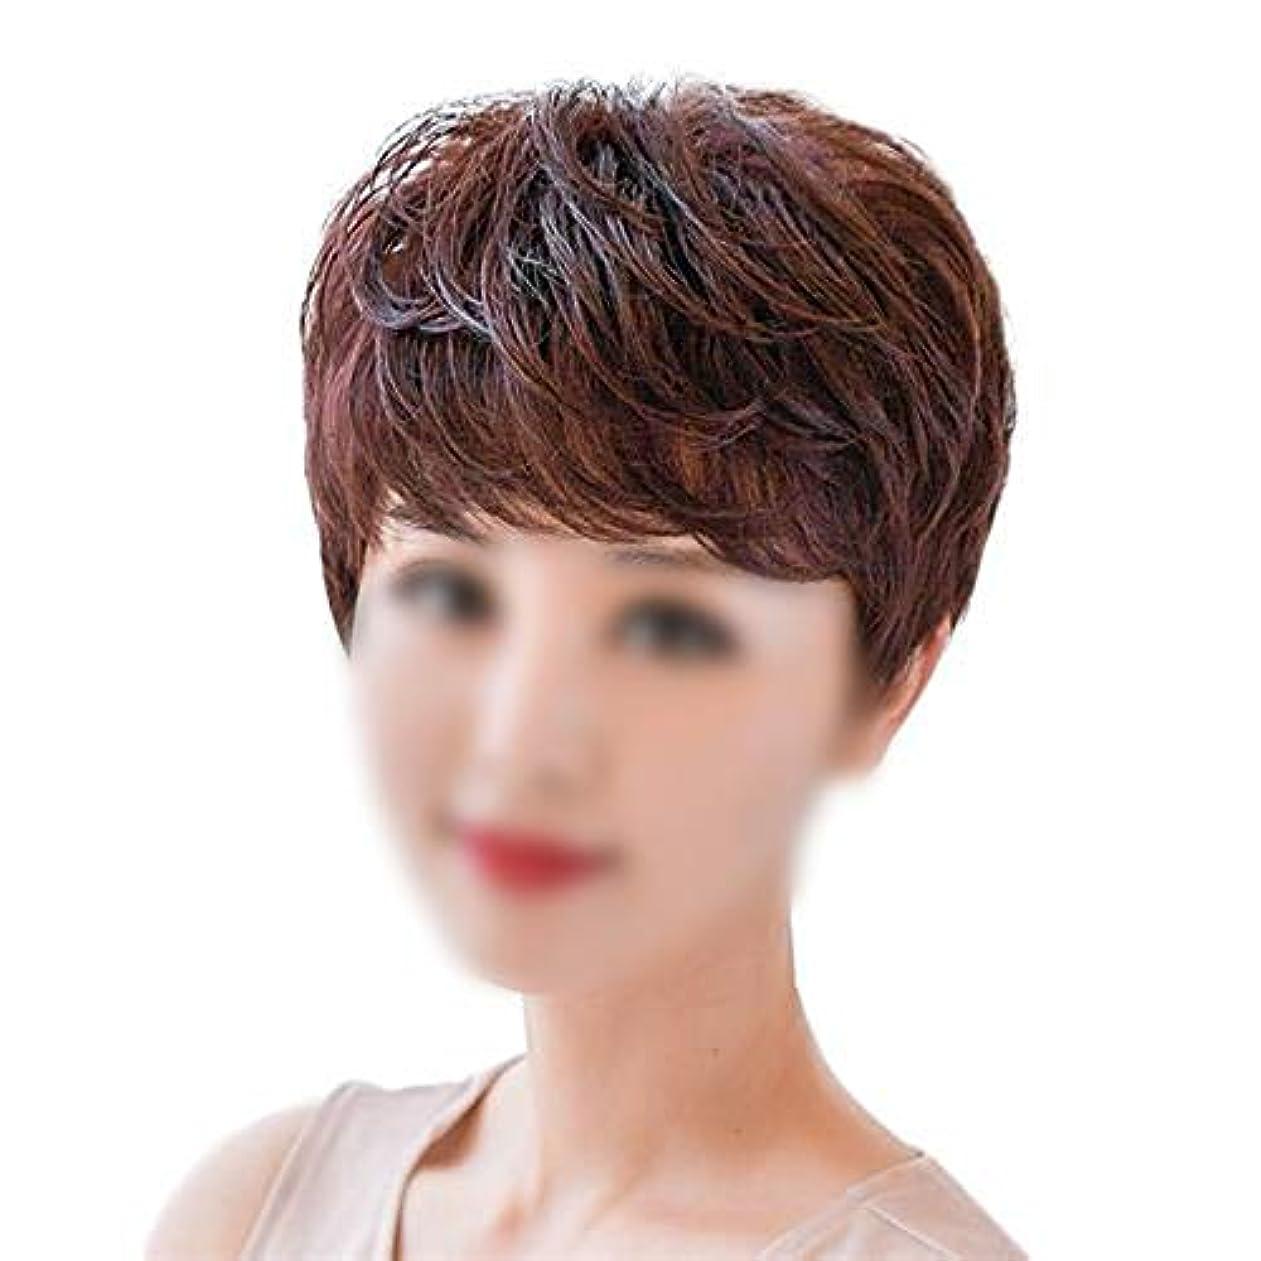 ランタン眉をひそめるベギンYOUQIU 母のギフトかつらのために女性のふわふわナチュラルショートカーリーヘア手織りの実ヘアウィッグ (色 : Dark brown)